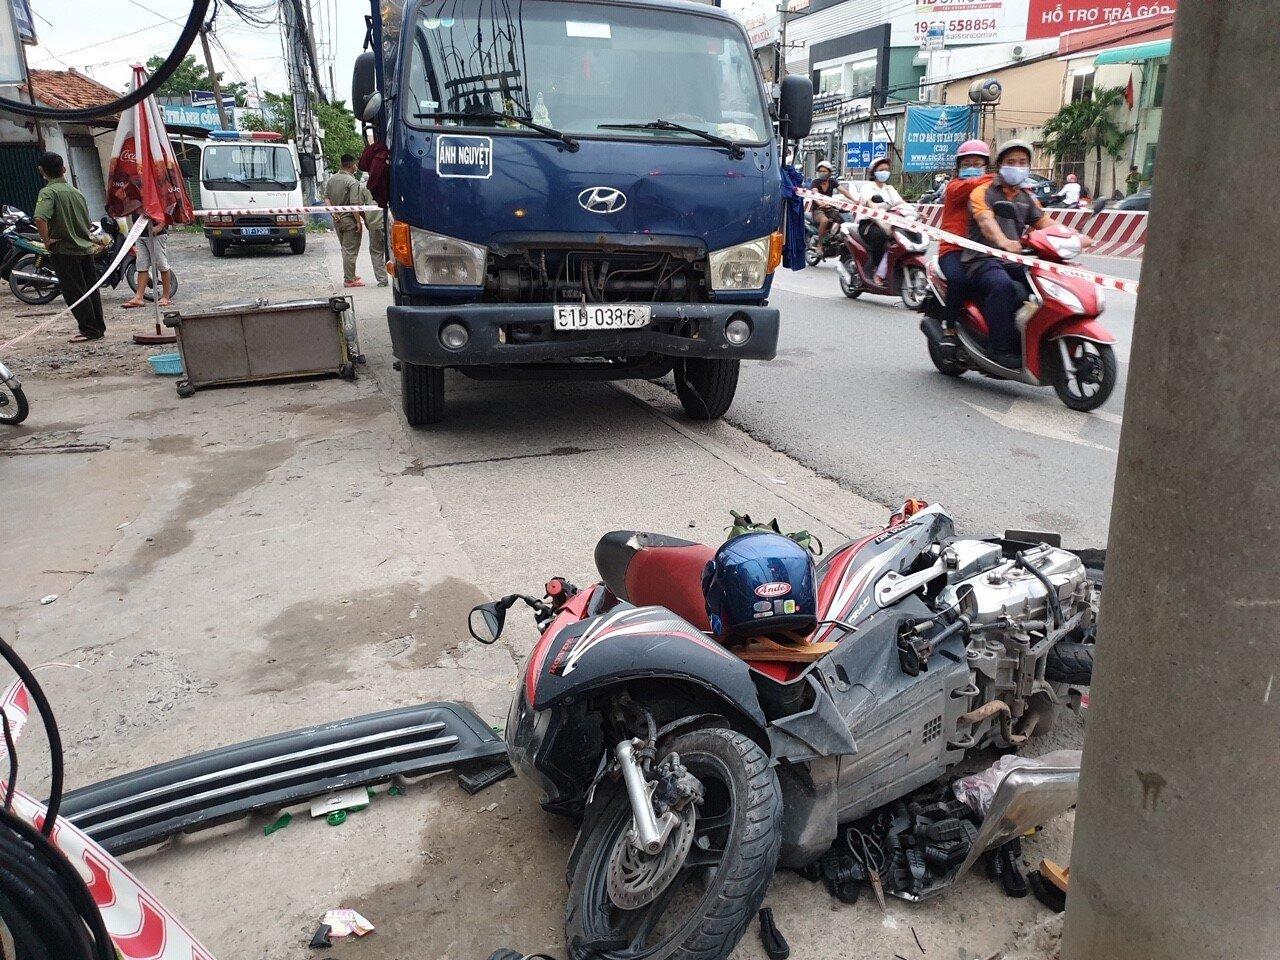 Bình Dương: Người đàn ông bị xe tải tông chết khi dừng đèn đỏ - 1